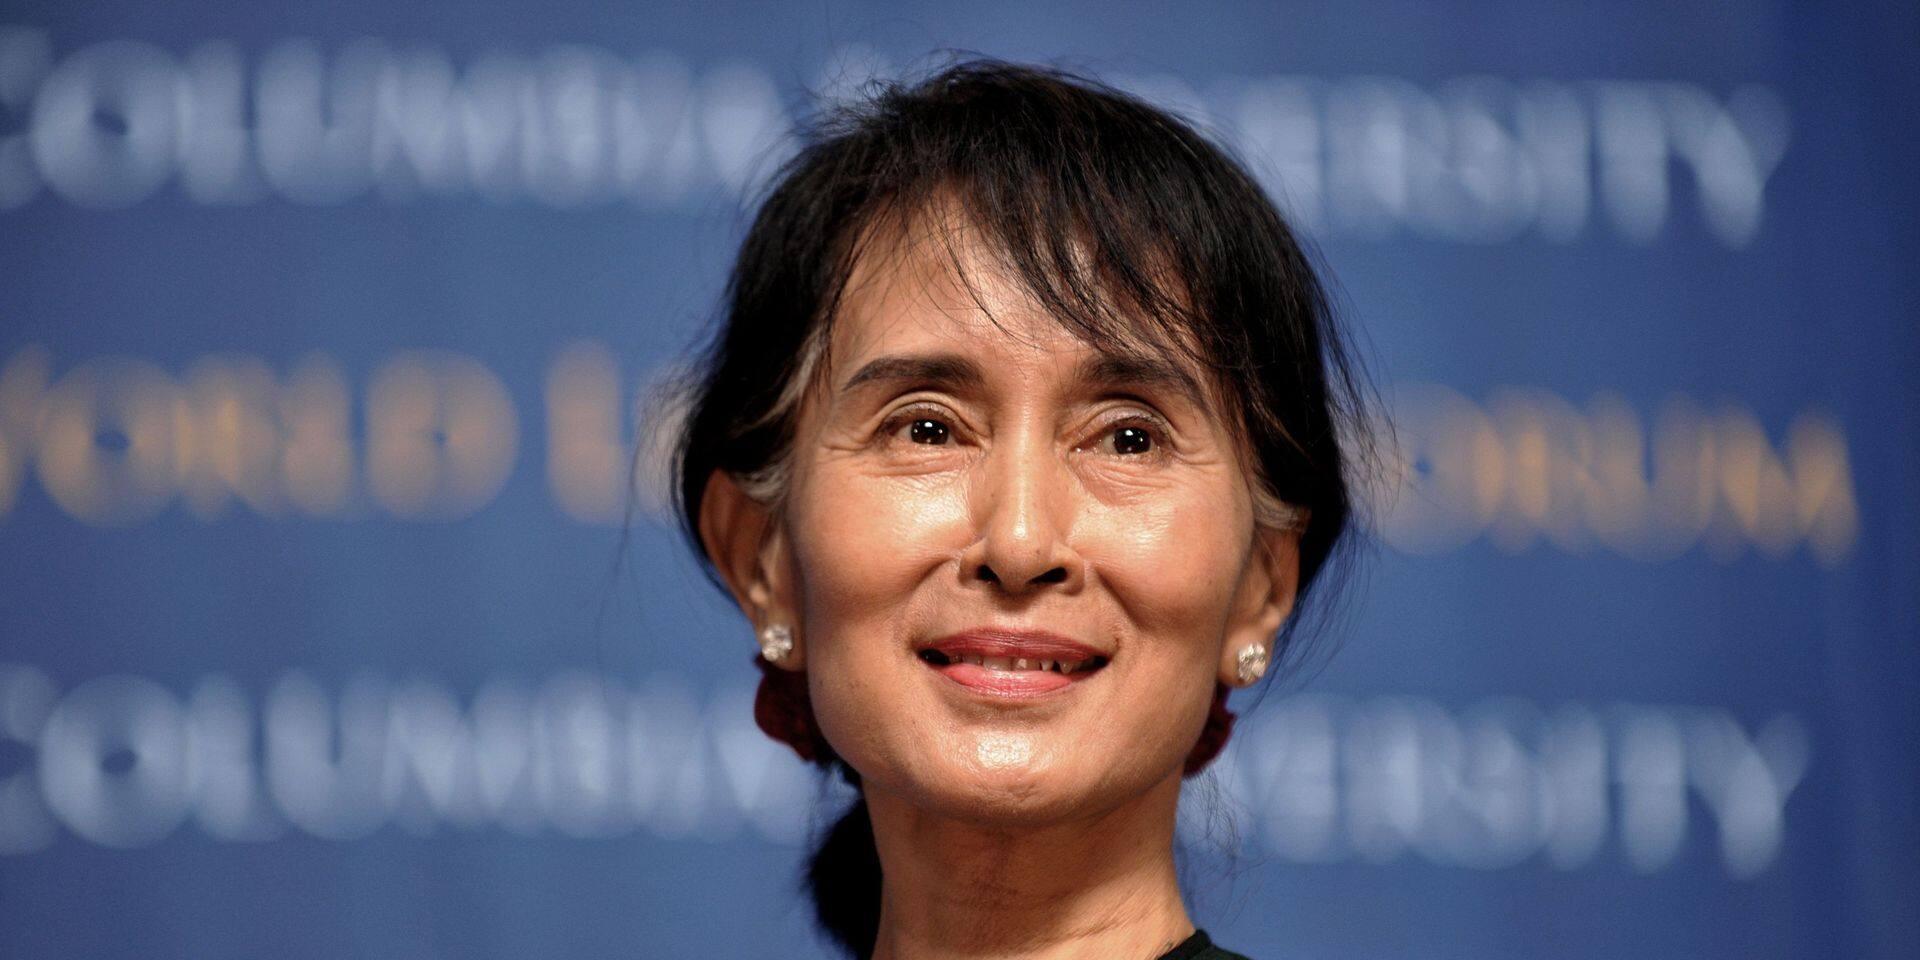 Birmanie: de nombreuses voix s'élèvent pour demander la libération d'Aung San Suu Kyi au lendemain du coup d'Etat